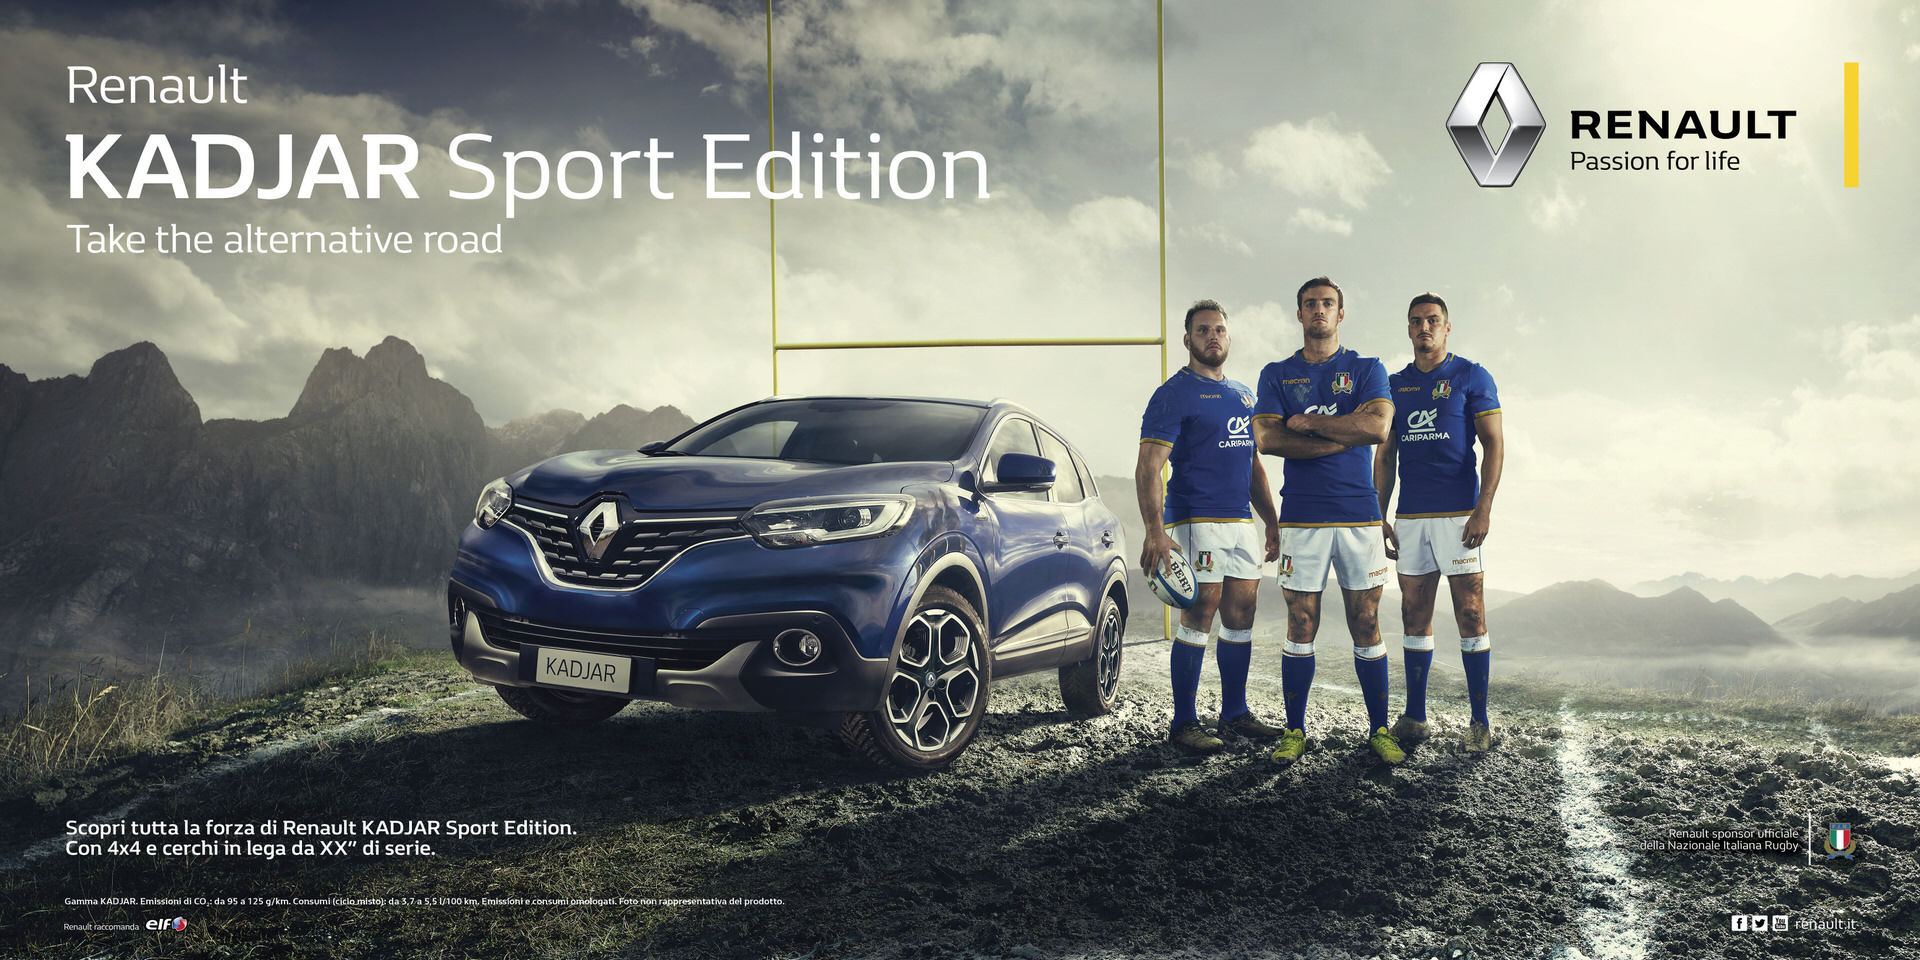 Renault Kadjar Sport